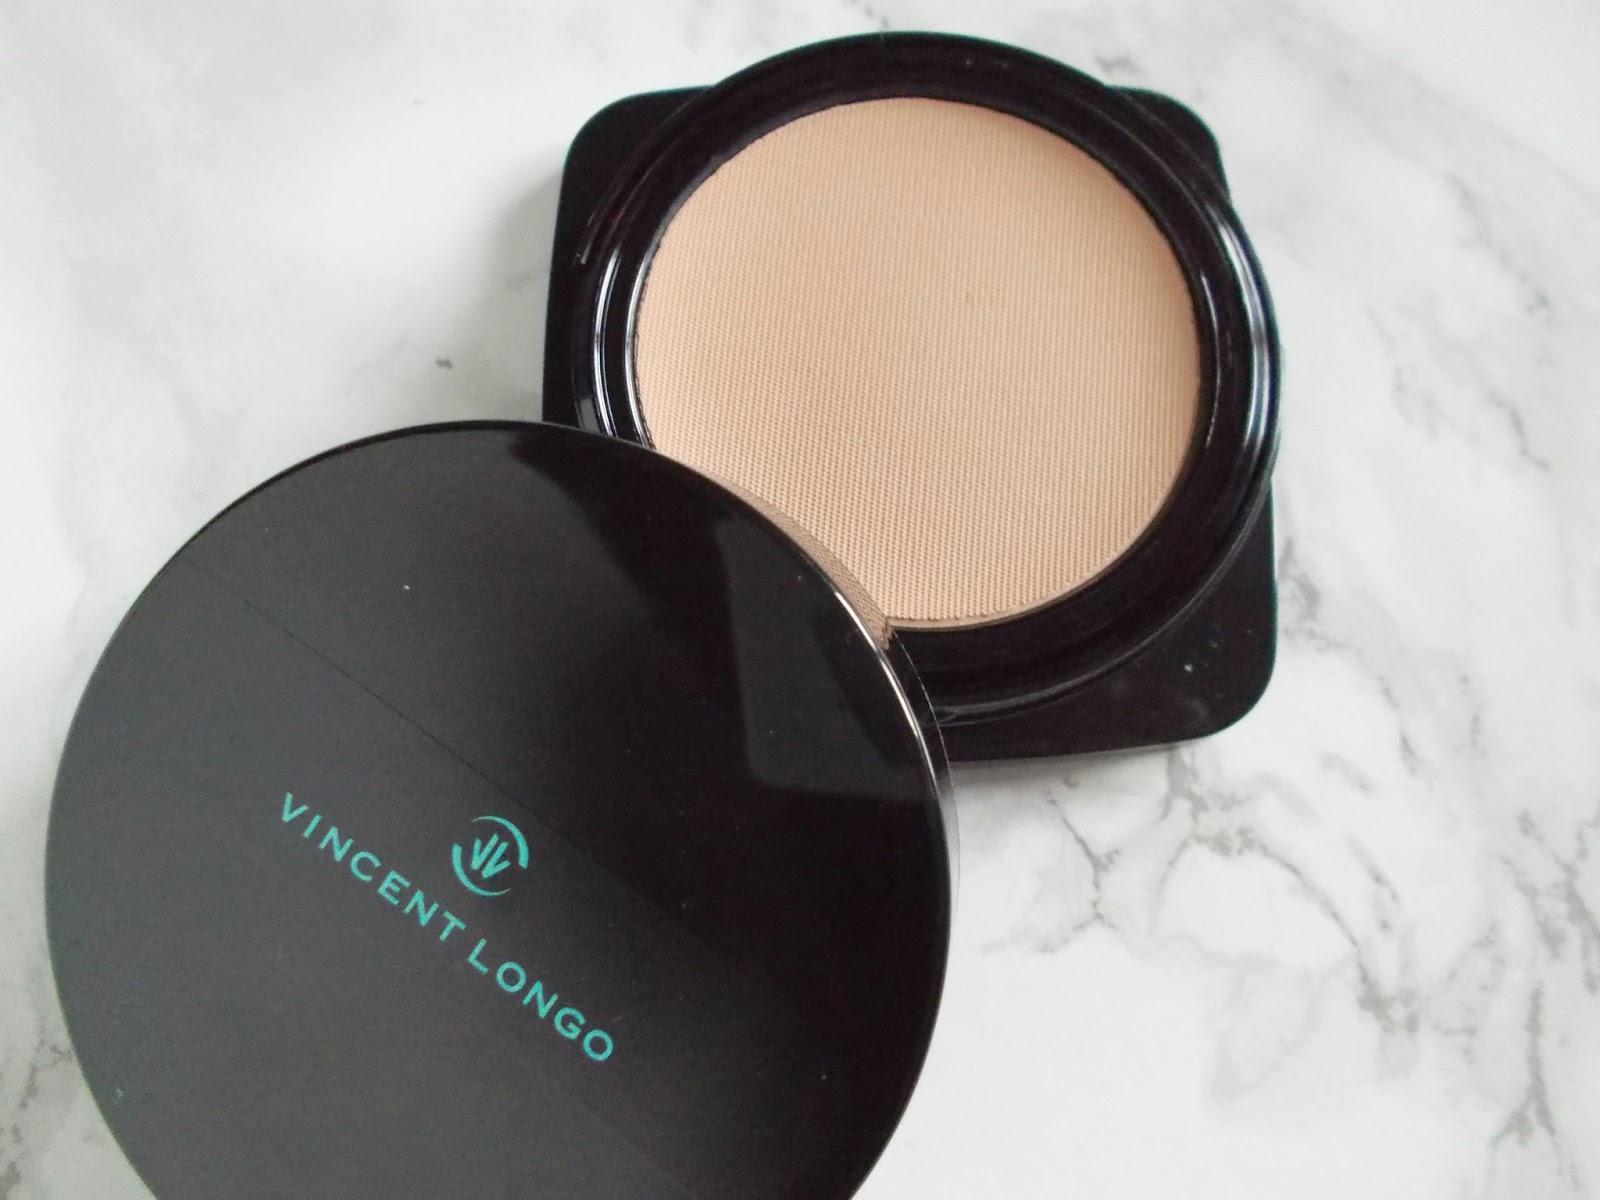 Vincent Longo water canvas creme to powder foundation porcelain review